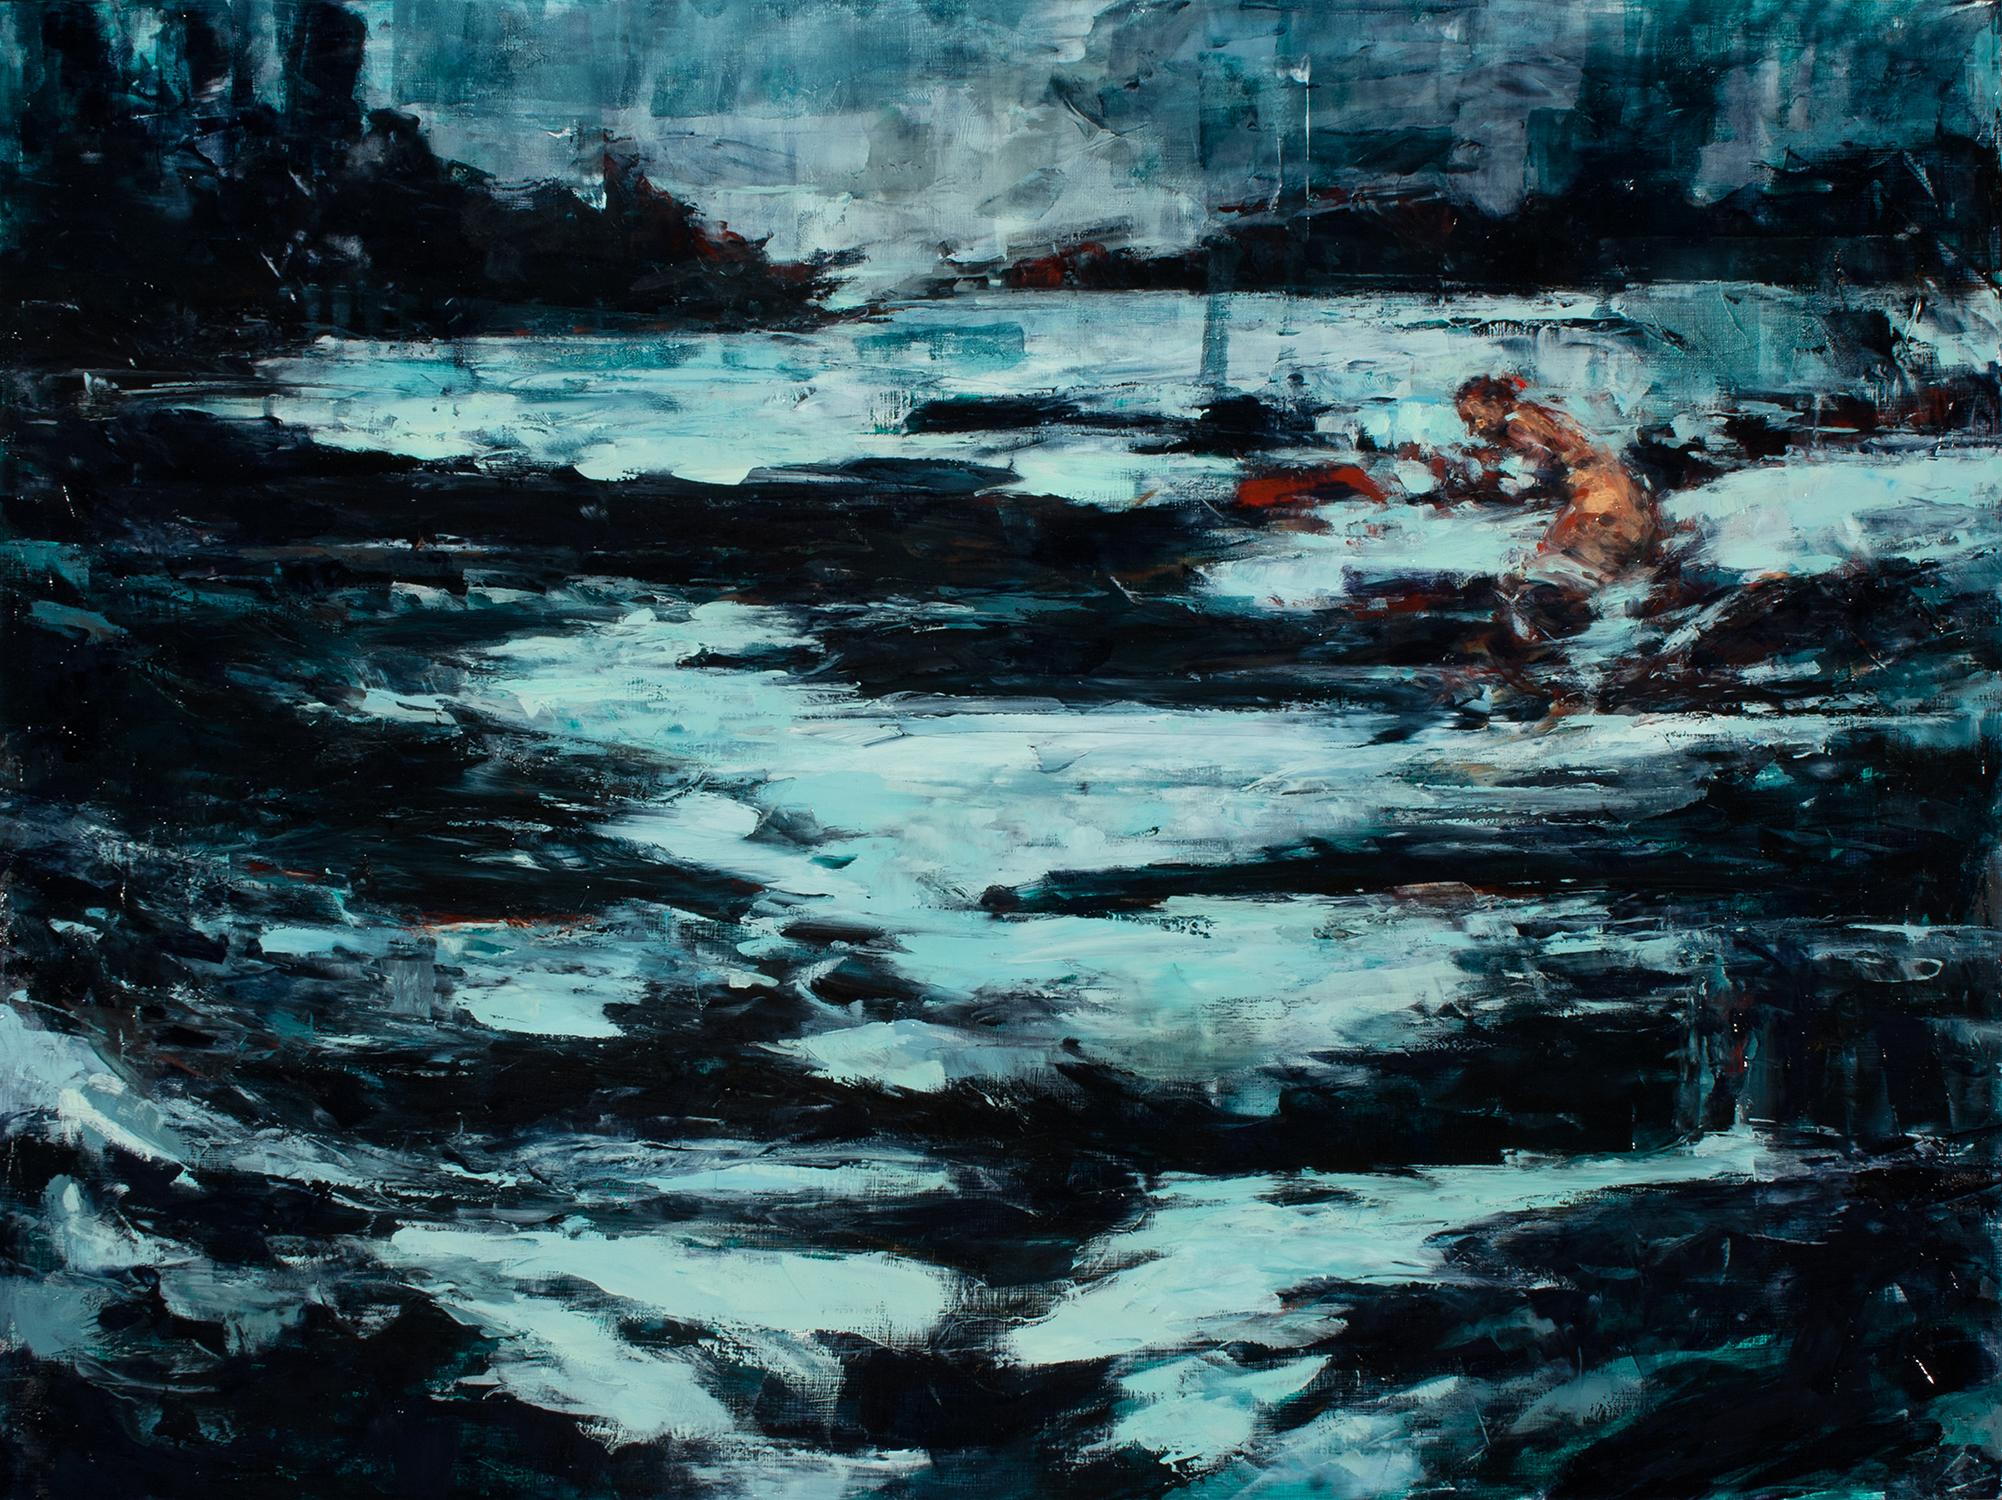 """'animal', oil on board, 18"""" x 24"""" x 2"""", 2016"""